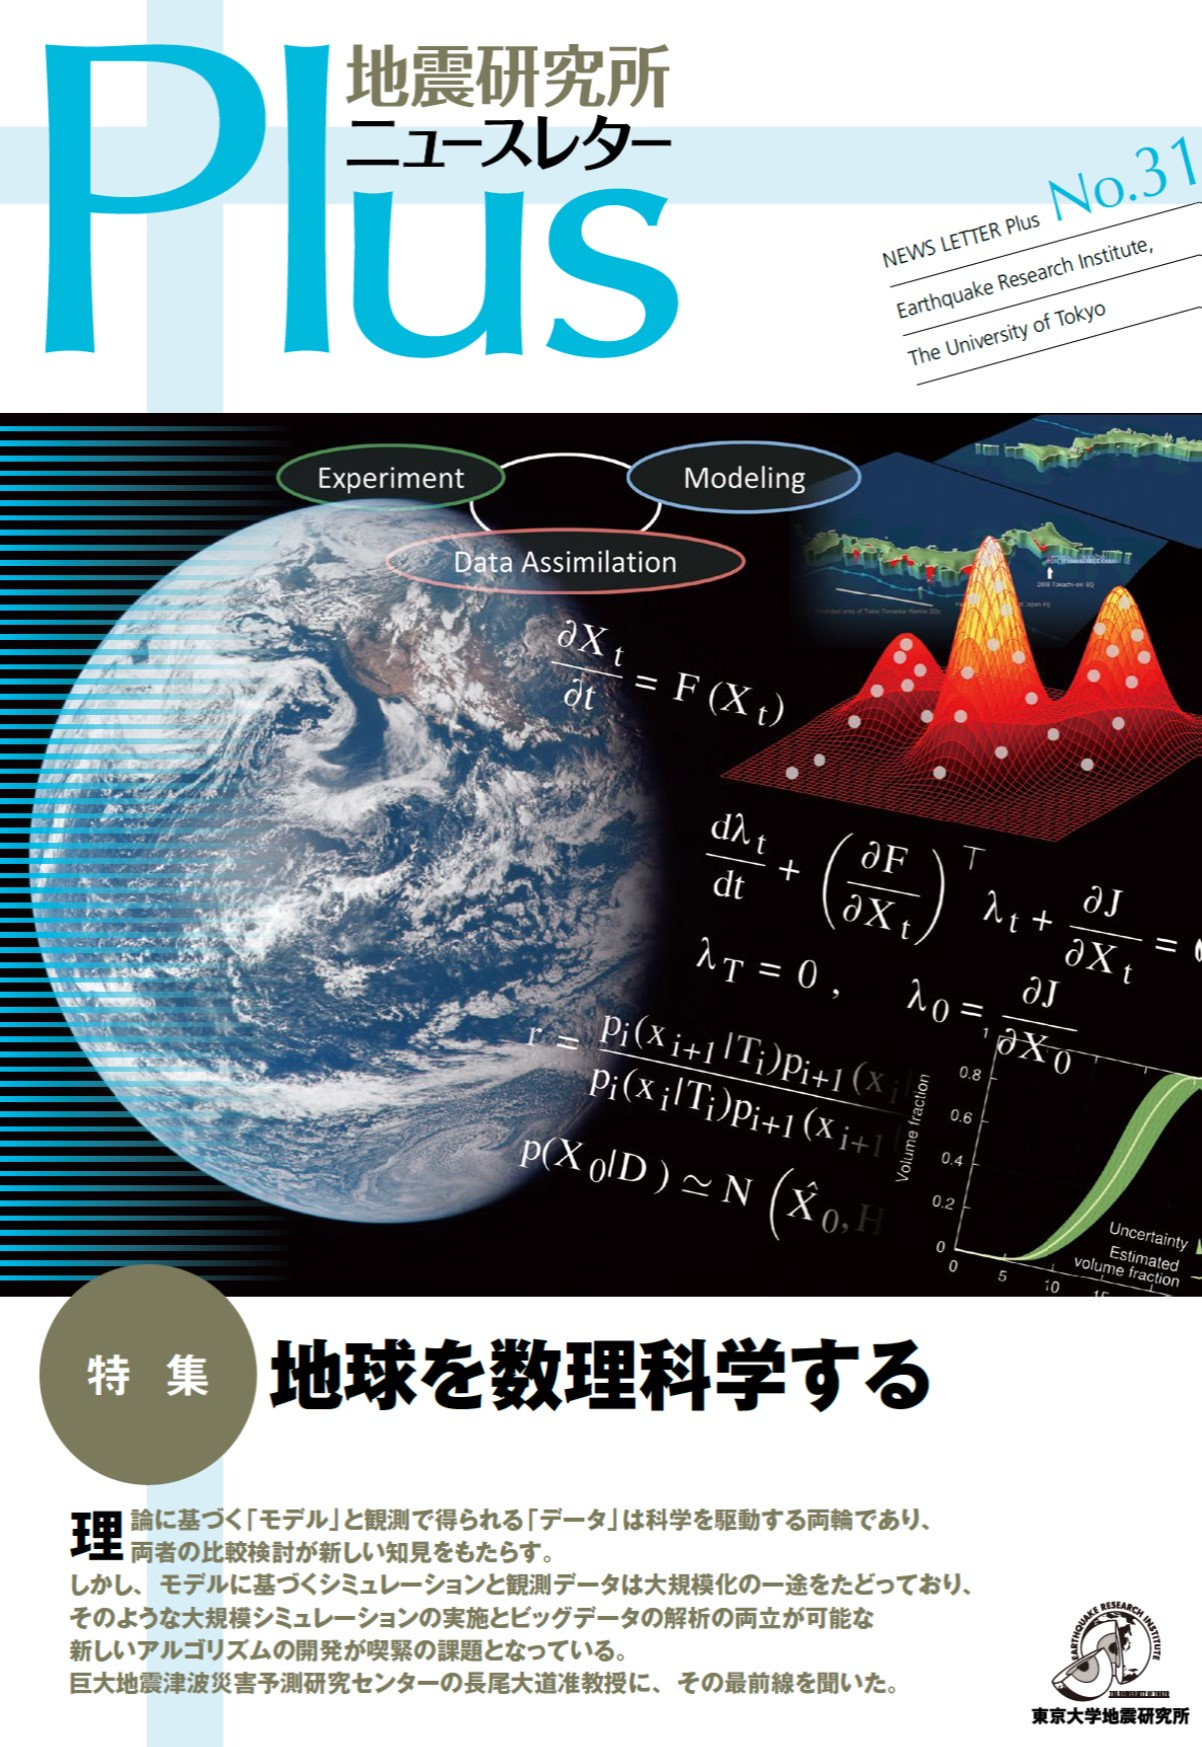 ニュースレターPLUS31号刊行